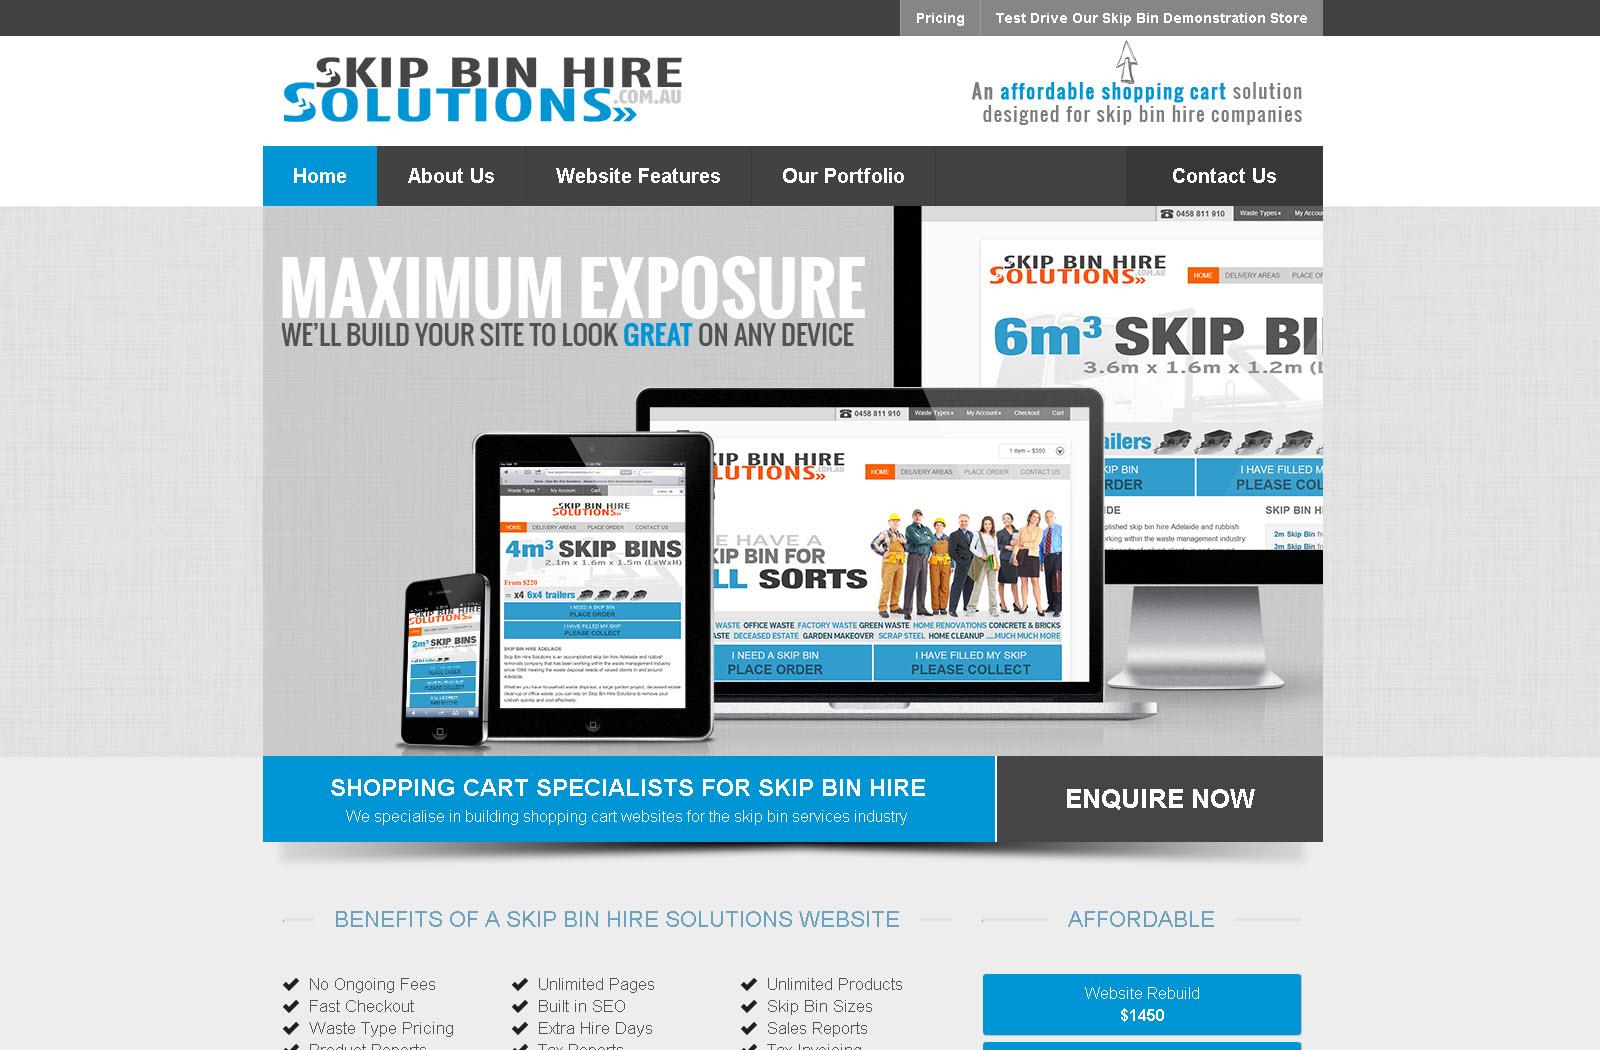 Skip Bin Hire Solutions